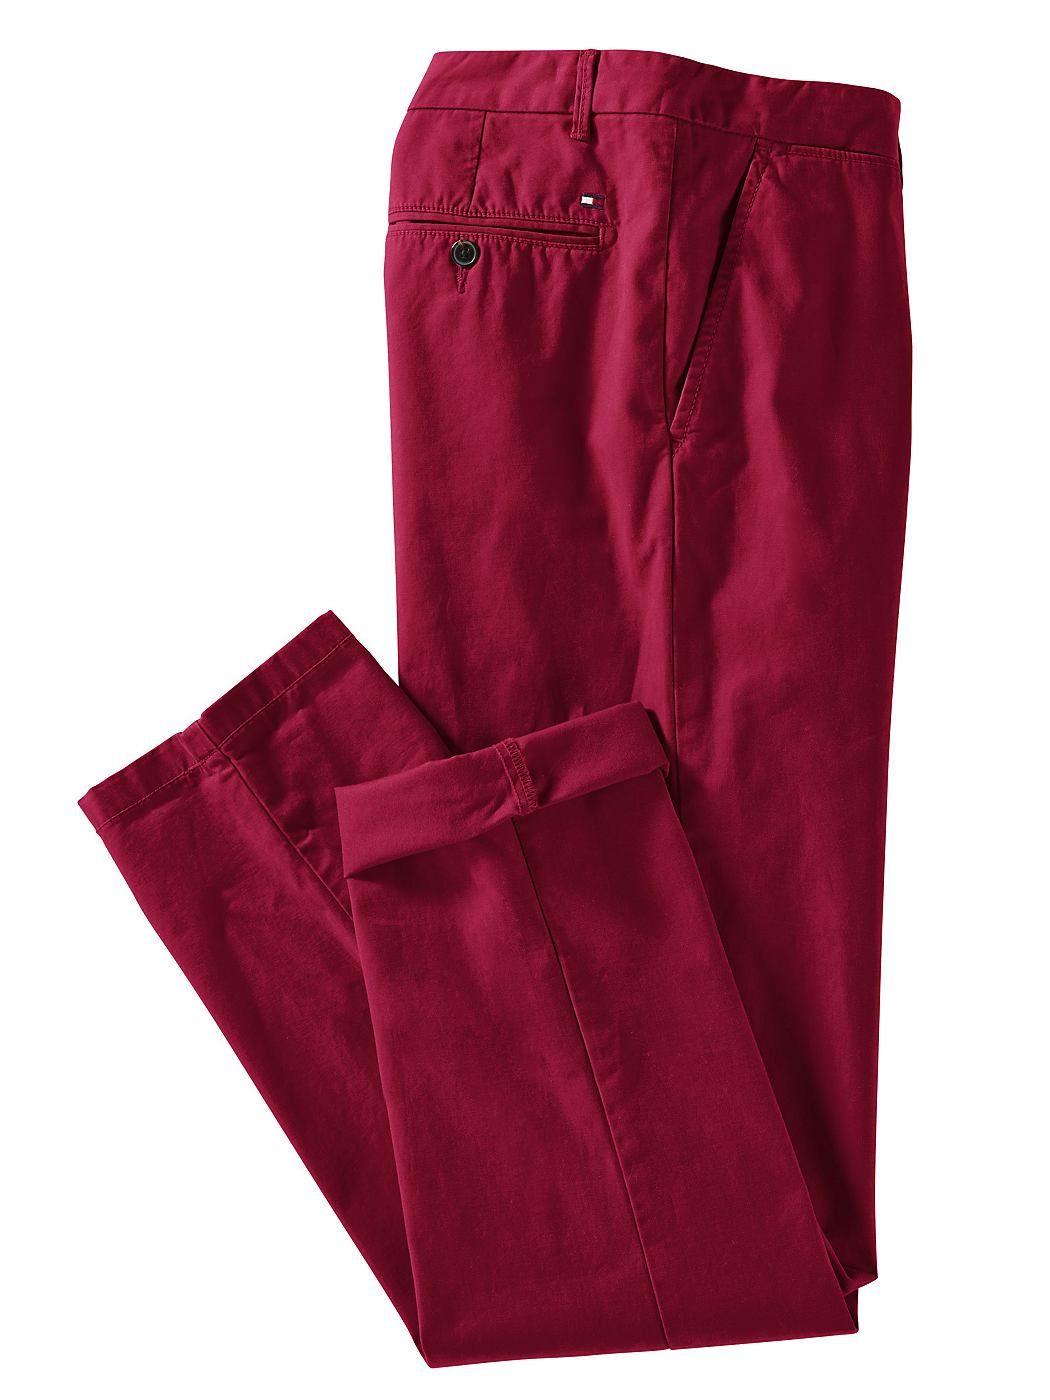 Chino »Mercer« von TOMMY HILFIGER aus modisch gewaschenem Boston-Twill aus reiner Bio-Baumwolle. Französische Vorderhosentaschen, geknöpfte Gesäßtaschen und verlängerter Bunduntertritt mit Gegenknopf. Komfortable Passform mit klassischer Leibhöhe, Reißverschluss und geradem Beinverlauf. Die Farbe sand fällt in der Auslieferung etwas heller aus als abgebildet. Die Farbe rot fällt in der Ausliefe...